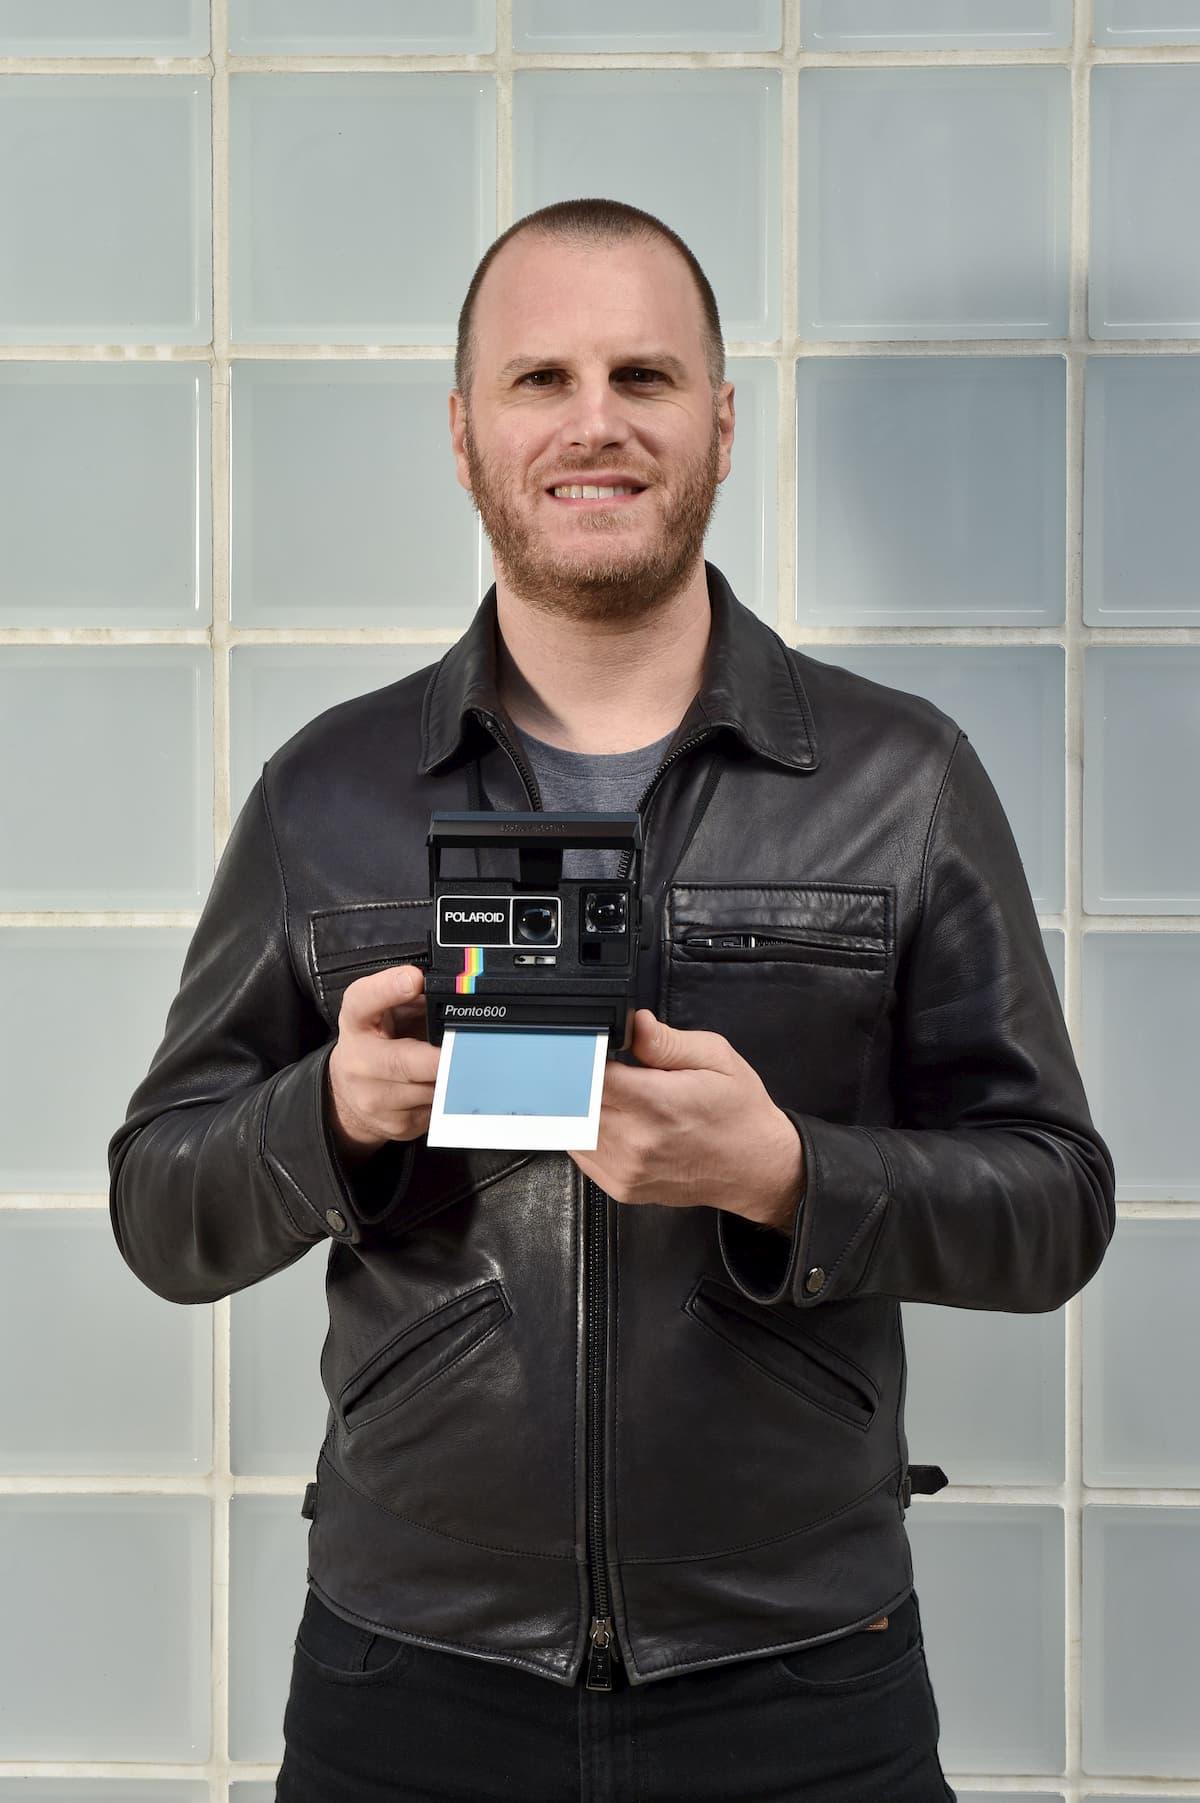 ポラロイドカメラを持つマルコさん